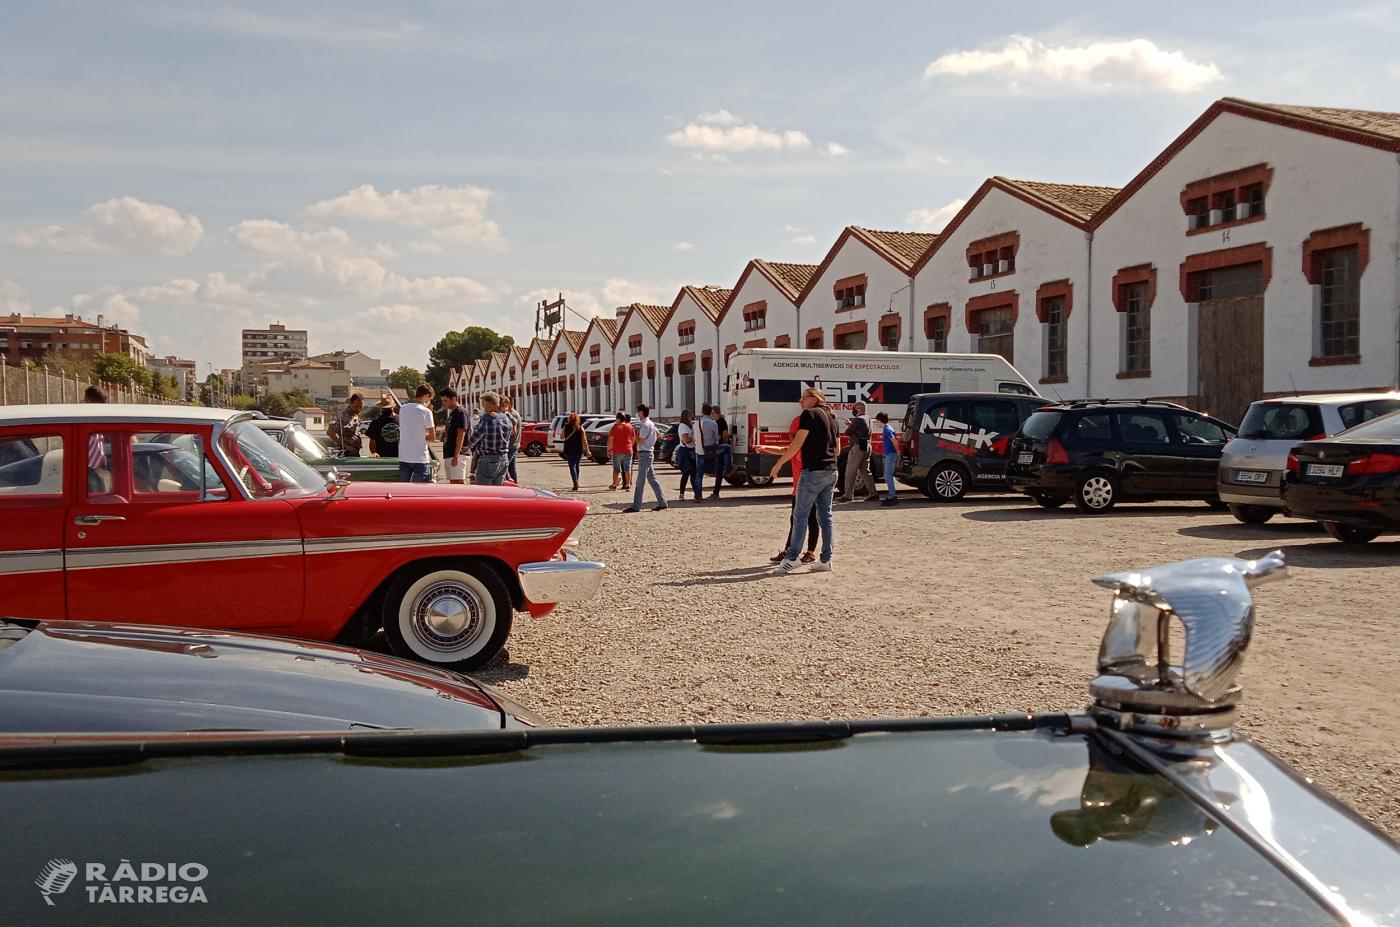 Tàrrega promou el seu patrimoni industrial amb el McTrepat, que té Manuel de Pedrolo com un dels protagonistes